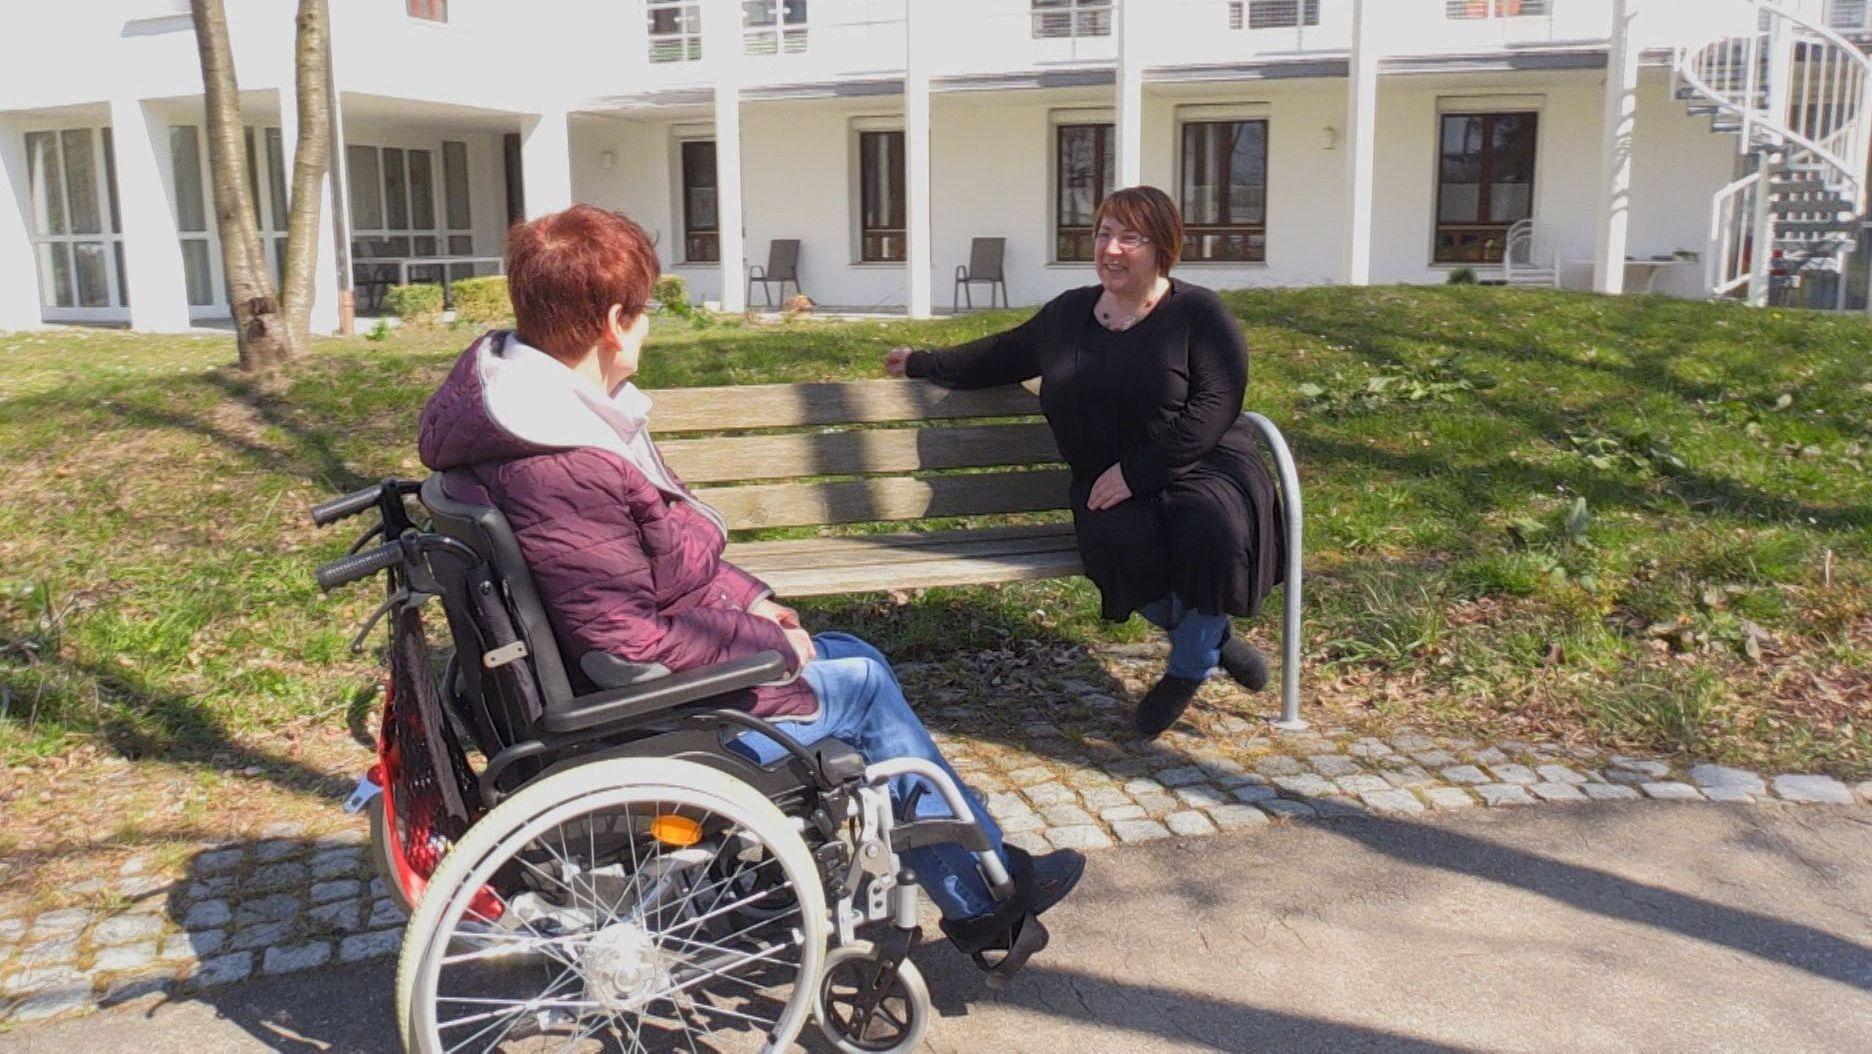 Zwei Frauen in einer Sozialeinrichtung